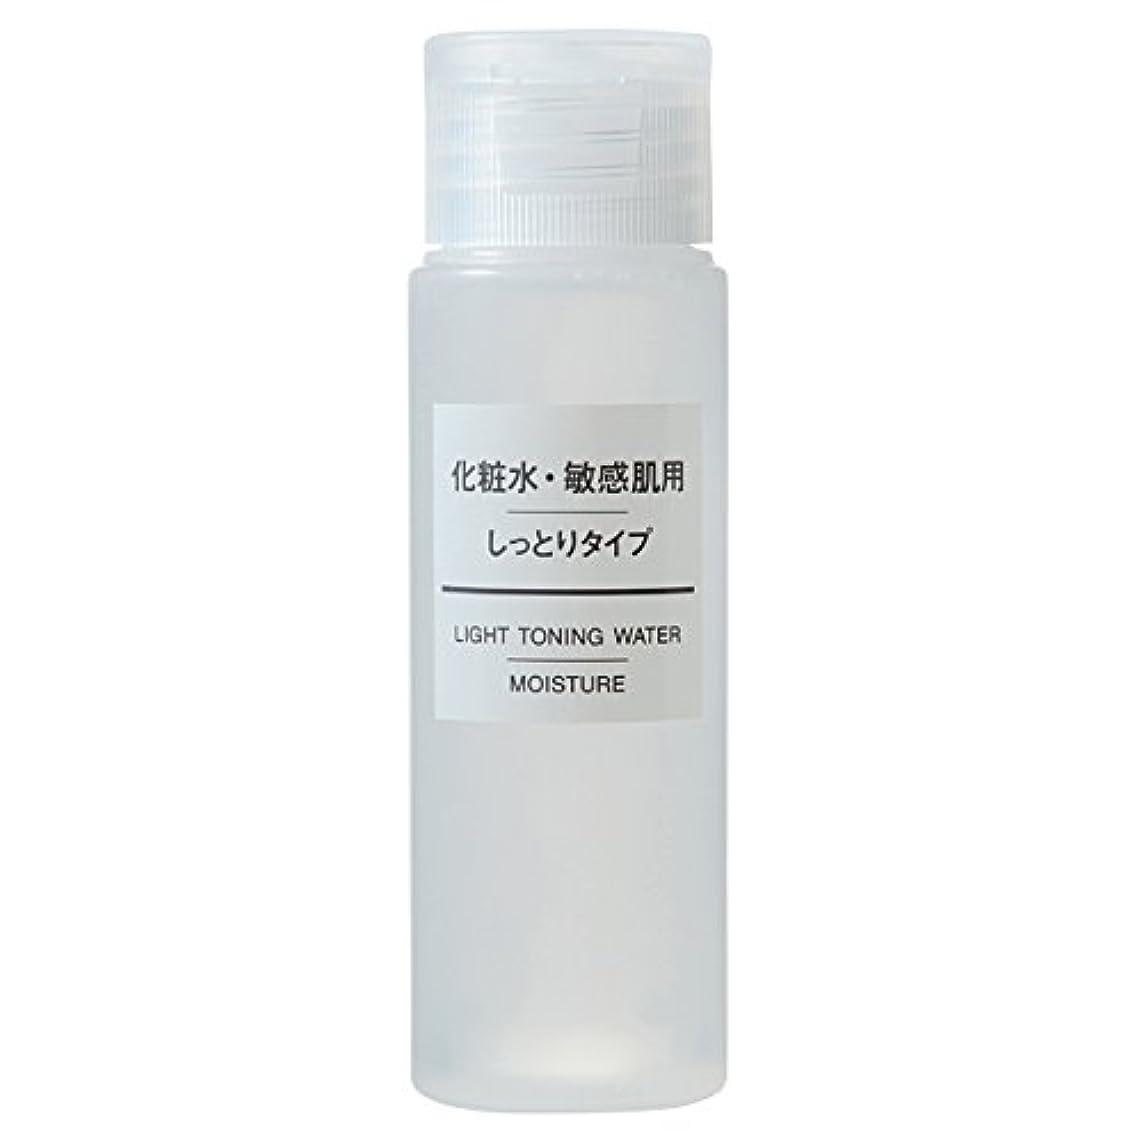 若さハンマー広げる無印良品 化粧水?敏感肌用?しっとりタイプ(携帯用) 50ml